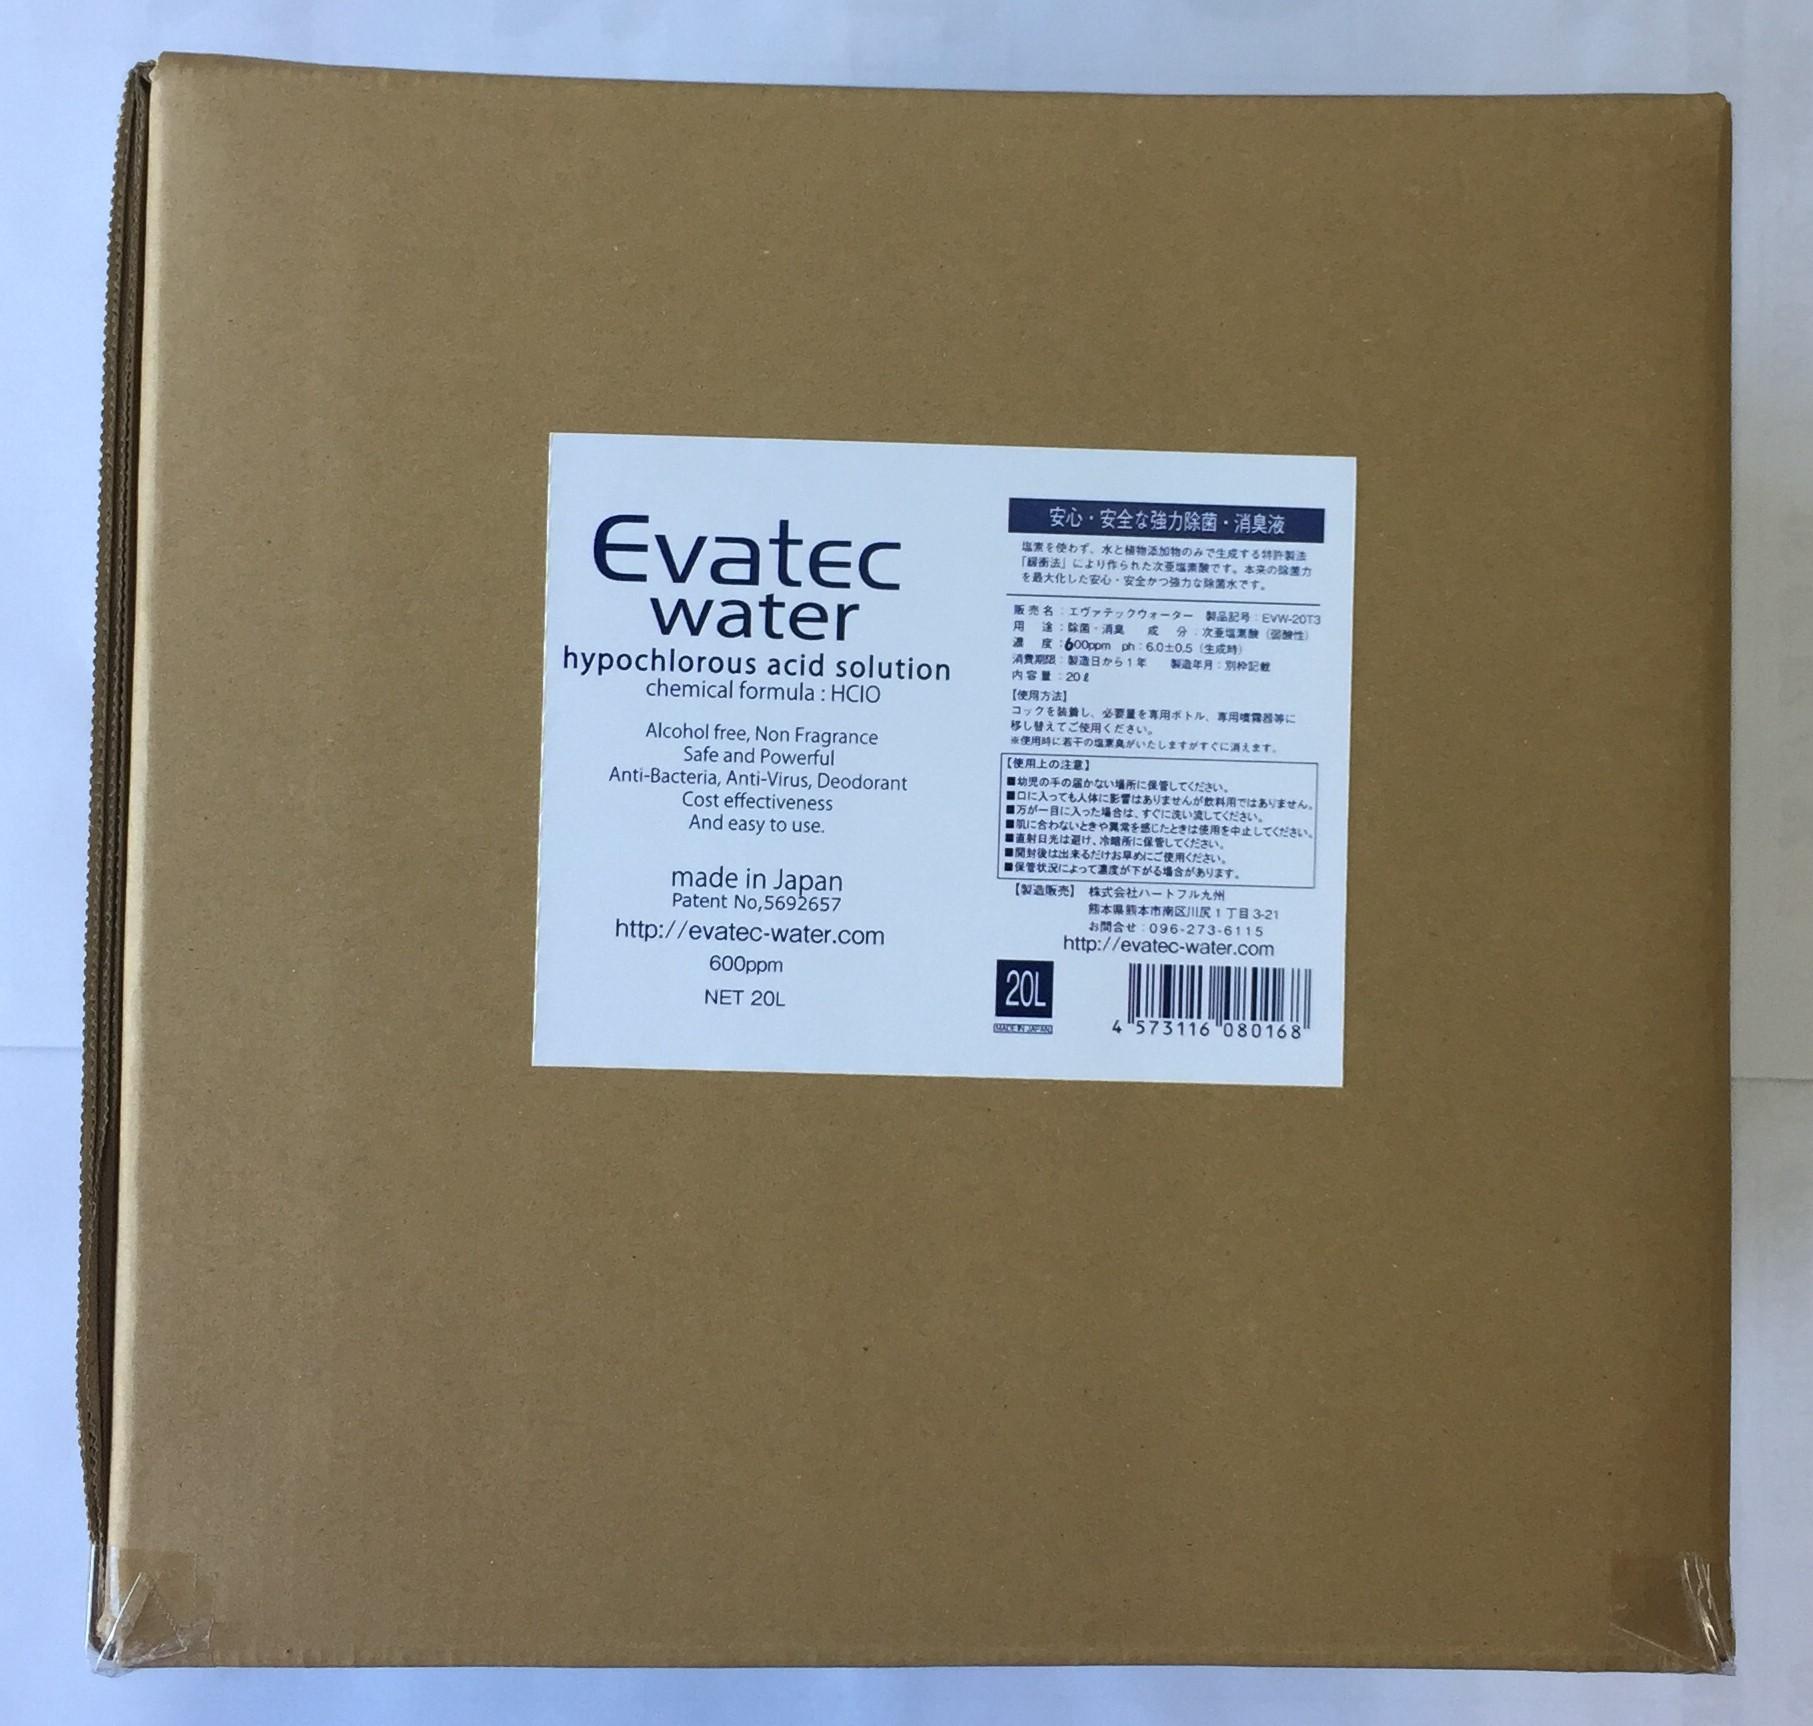 【EVW-10T6】 エヴァテック ウォーター 除菌消臭液 10リットル キューブテナー 600ppm